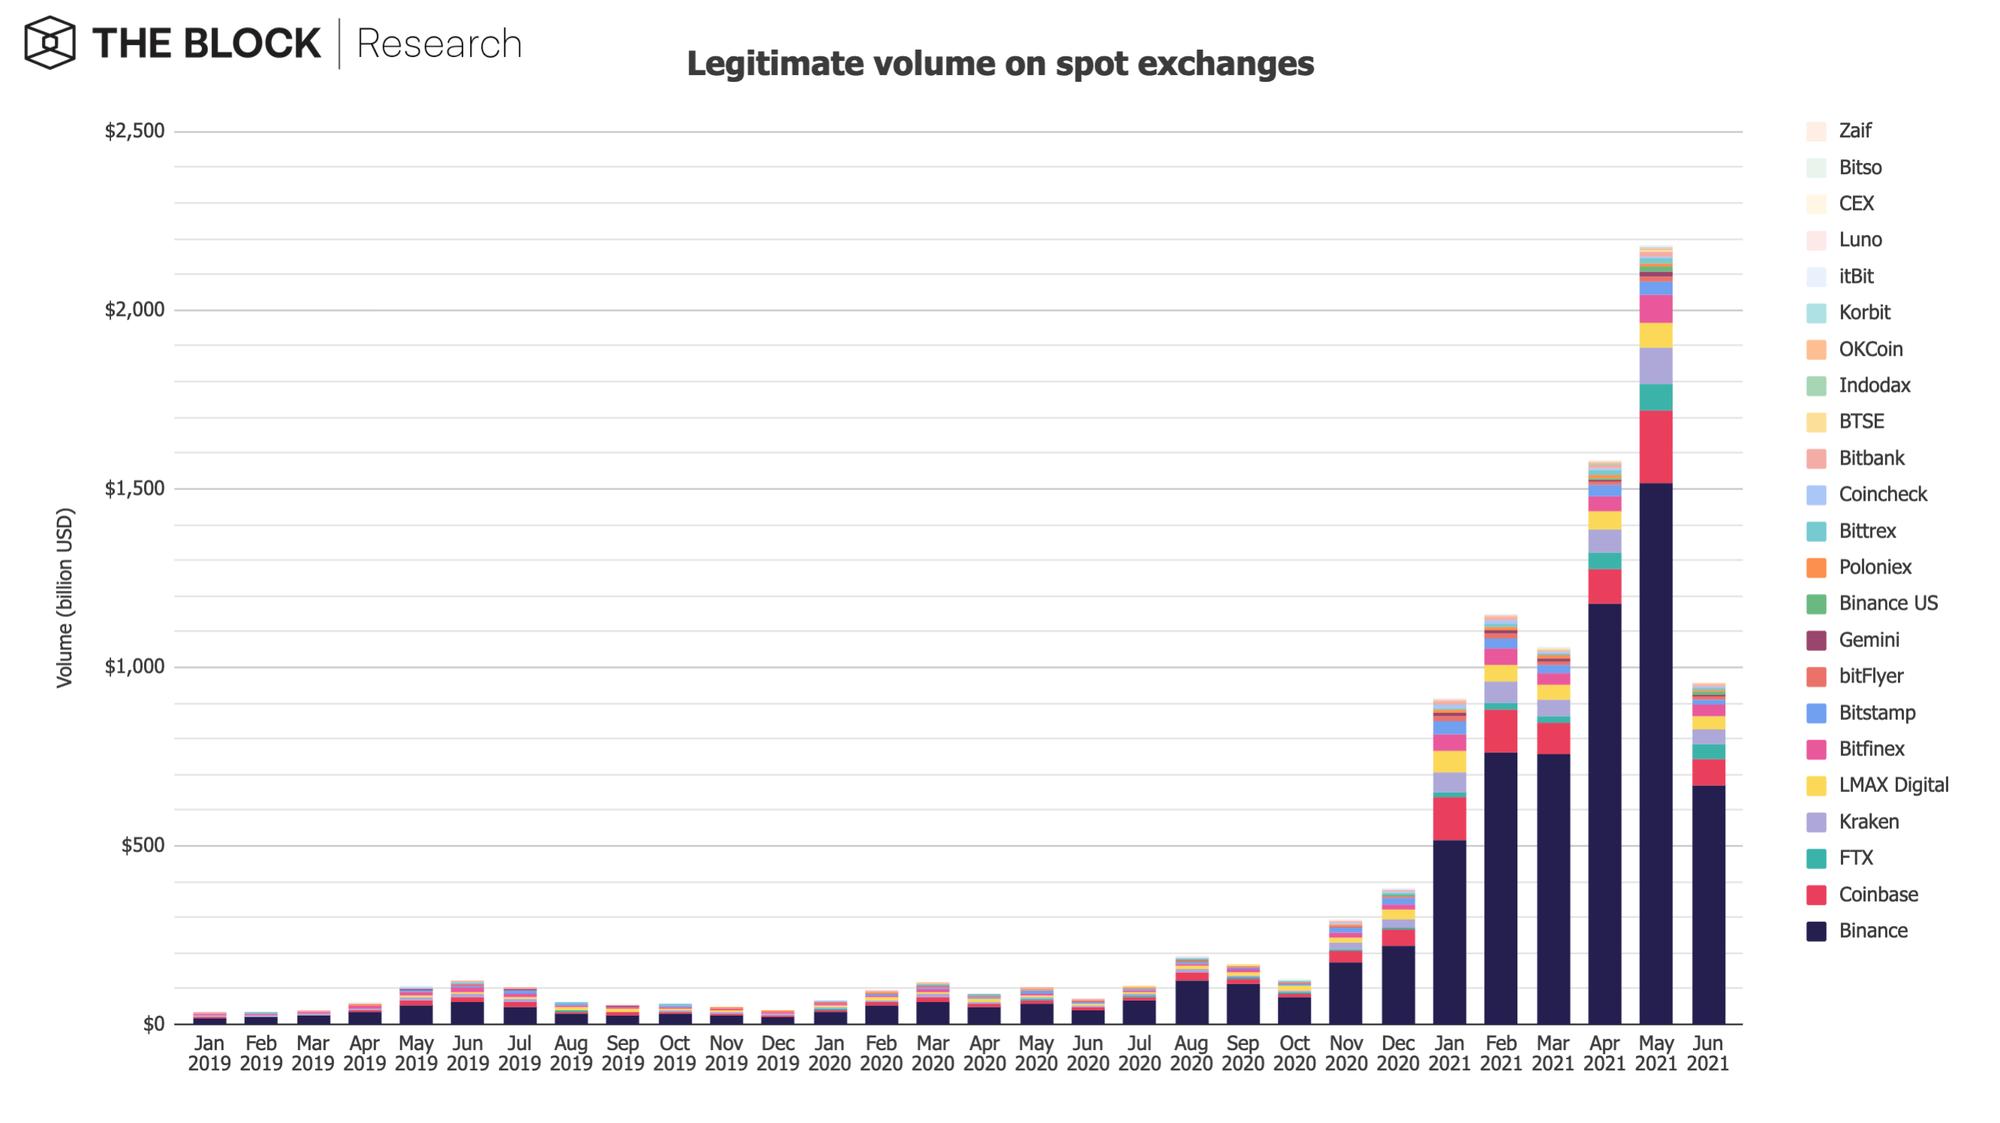 Khối lượng giao dịch tiền kỹ thuật số trên các sàn giao dịch. (Nguồn: The Block).